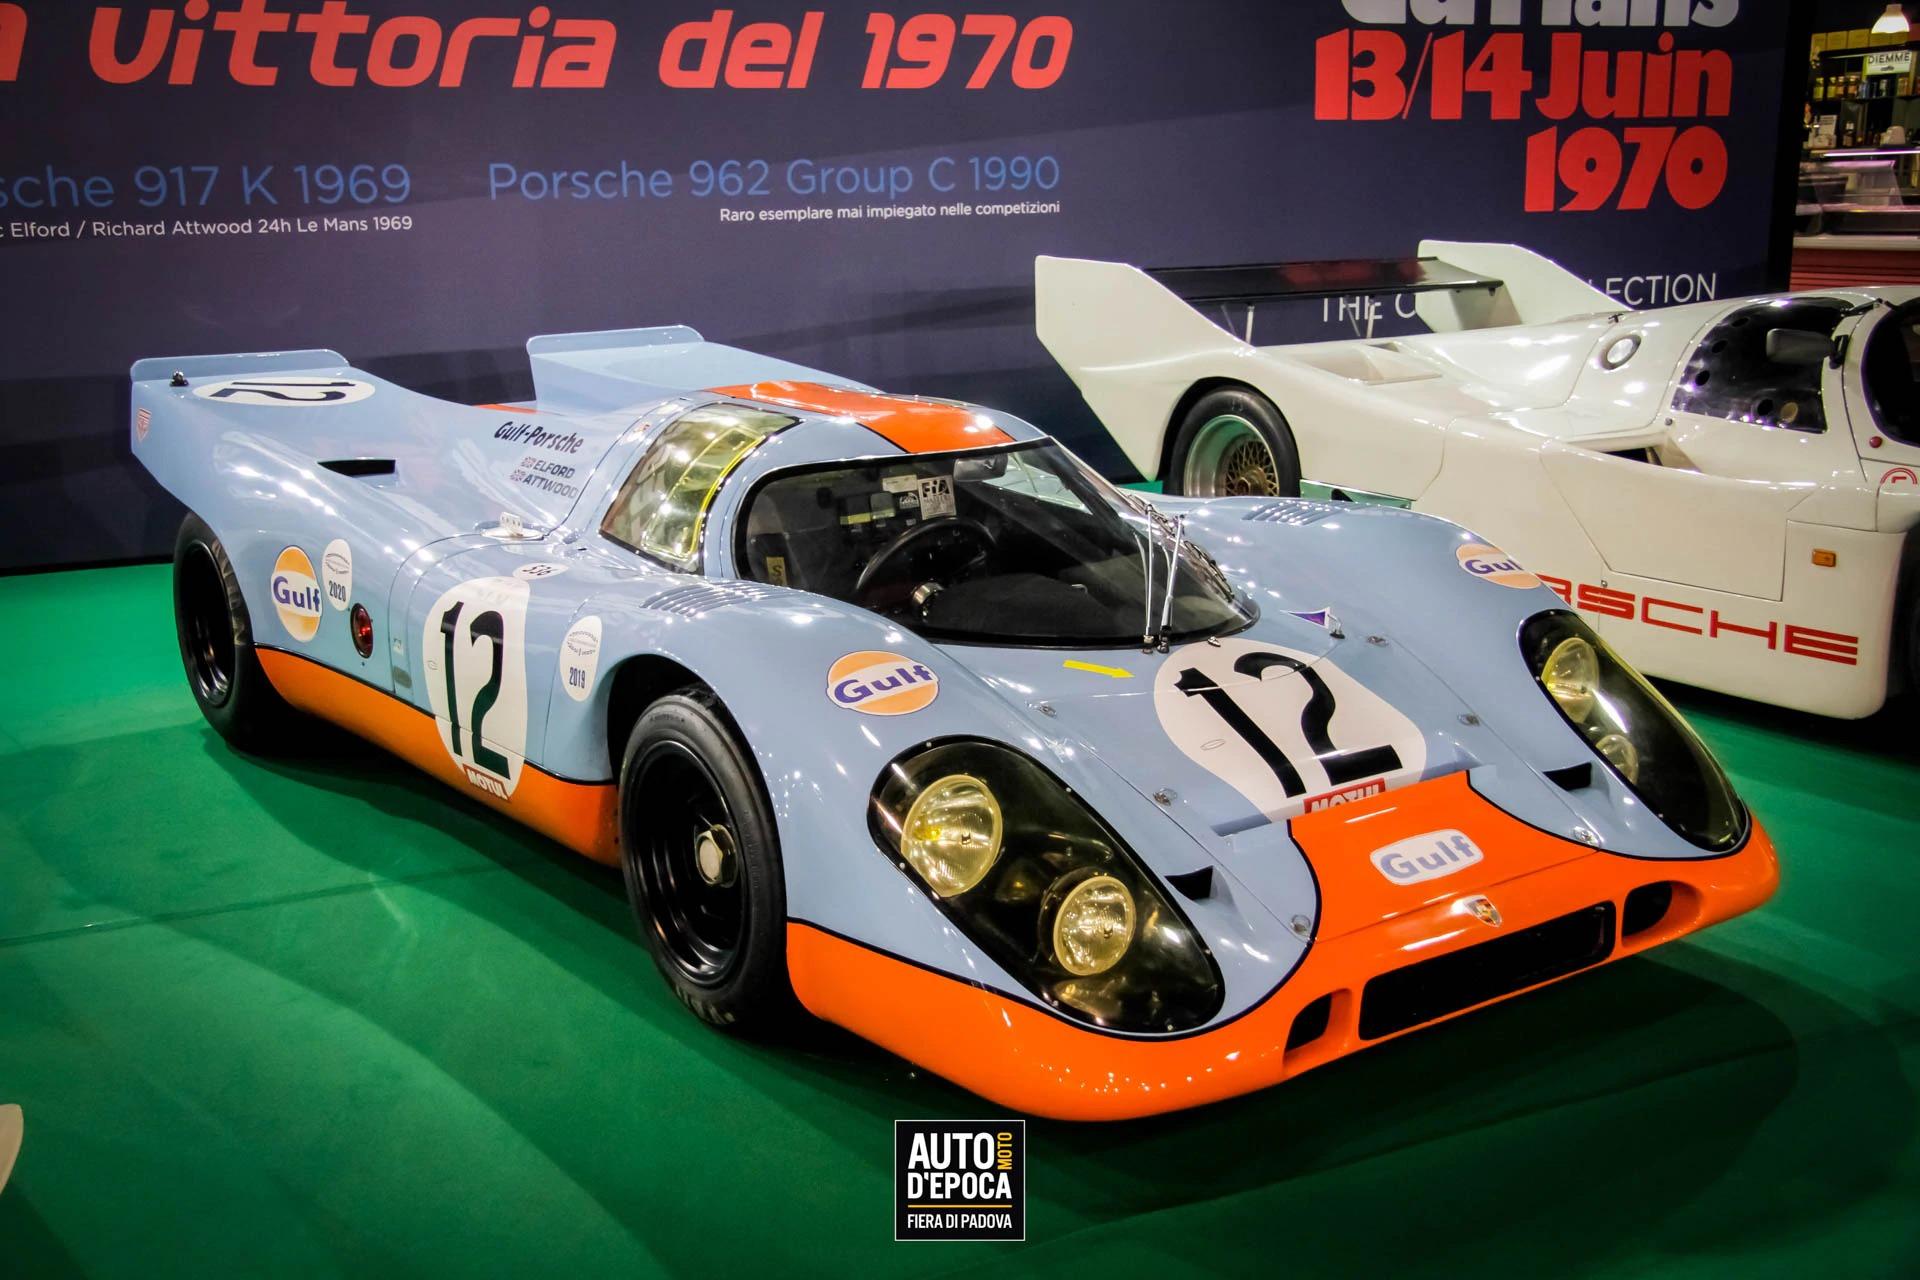 Prototipi da leggenda: la mostra che ha celebrato i successi di Porsche a Le Mans thumbnail